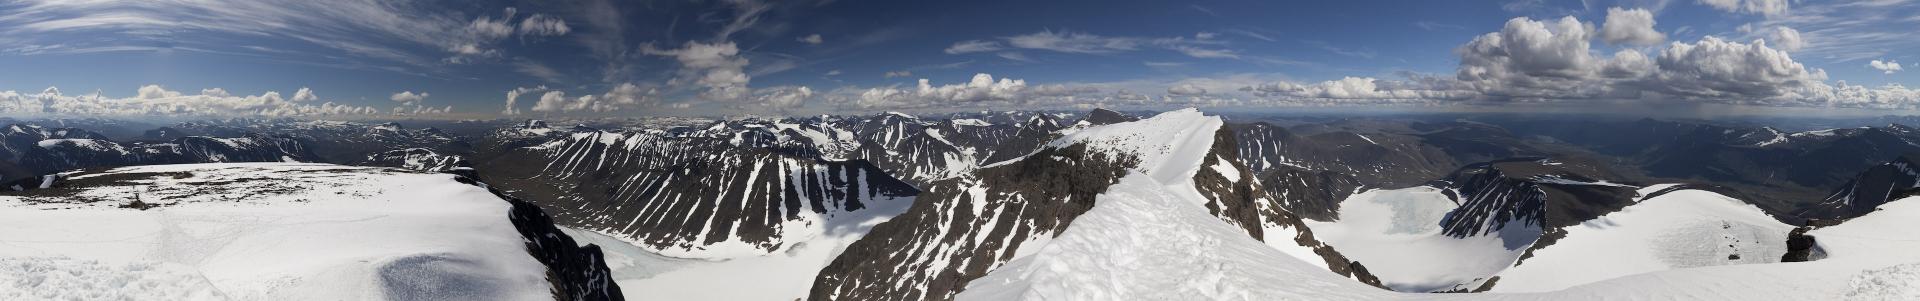 Panorama Blick vom Südgipfel des Kebnekaise – von Süden über Westen, Norden, Osten wieder nach Süden